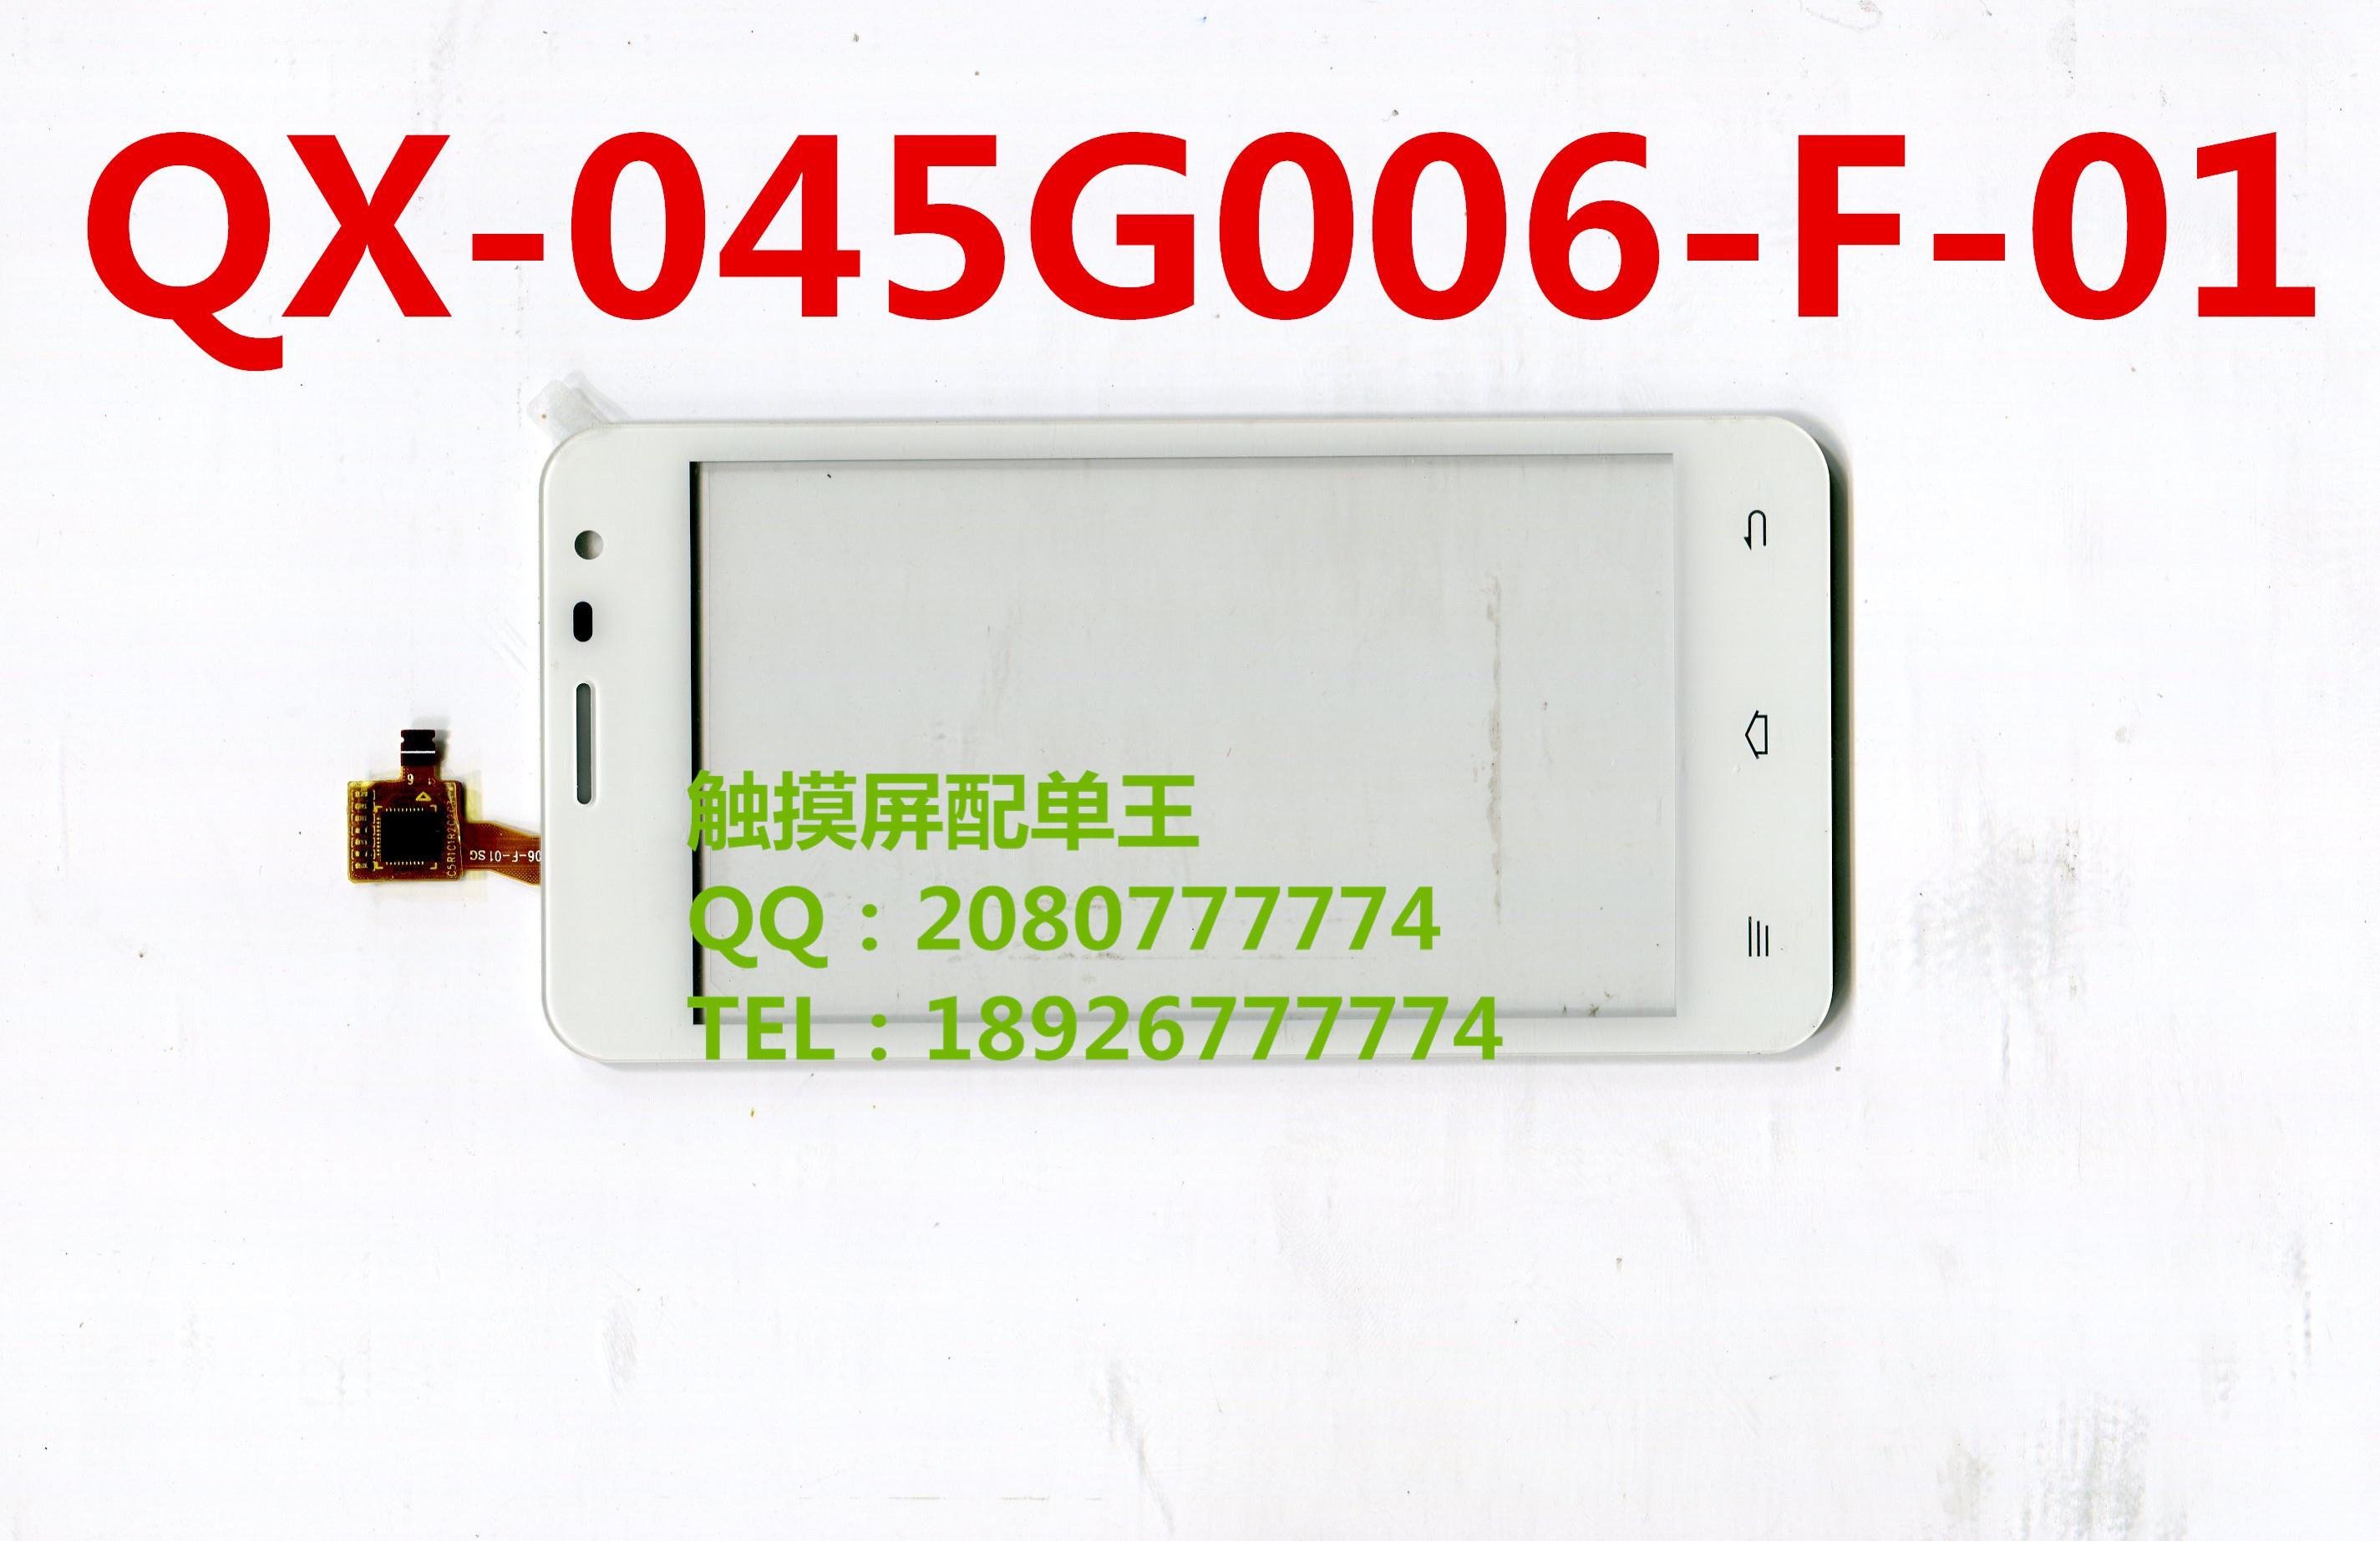 Применяется для внутренних QX - 045G F-006-01 сенсорный экран сенсорный экран почерк экрана экран емкостный сенсорный экран